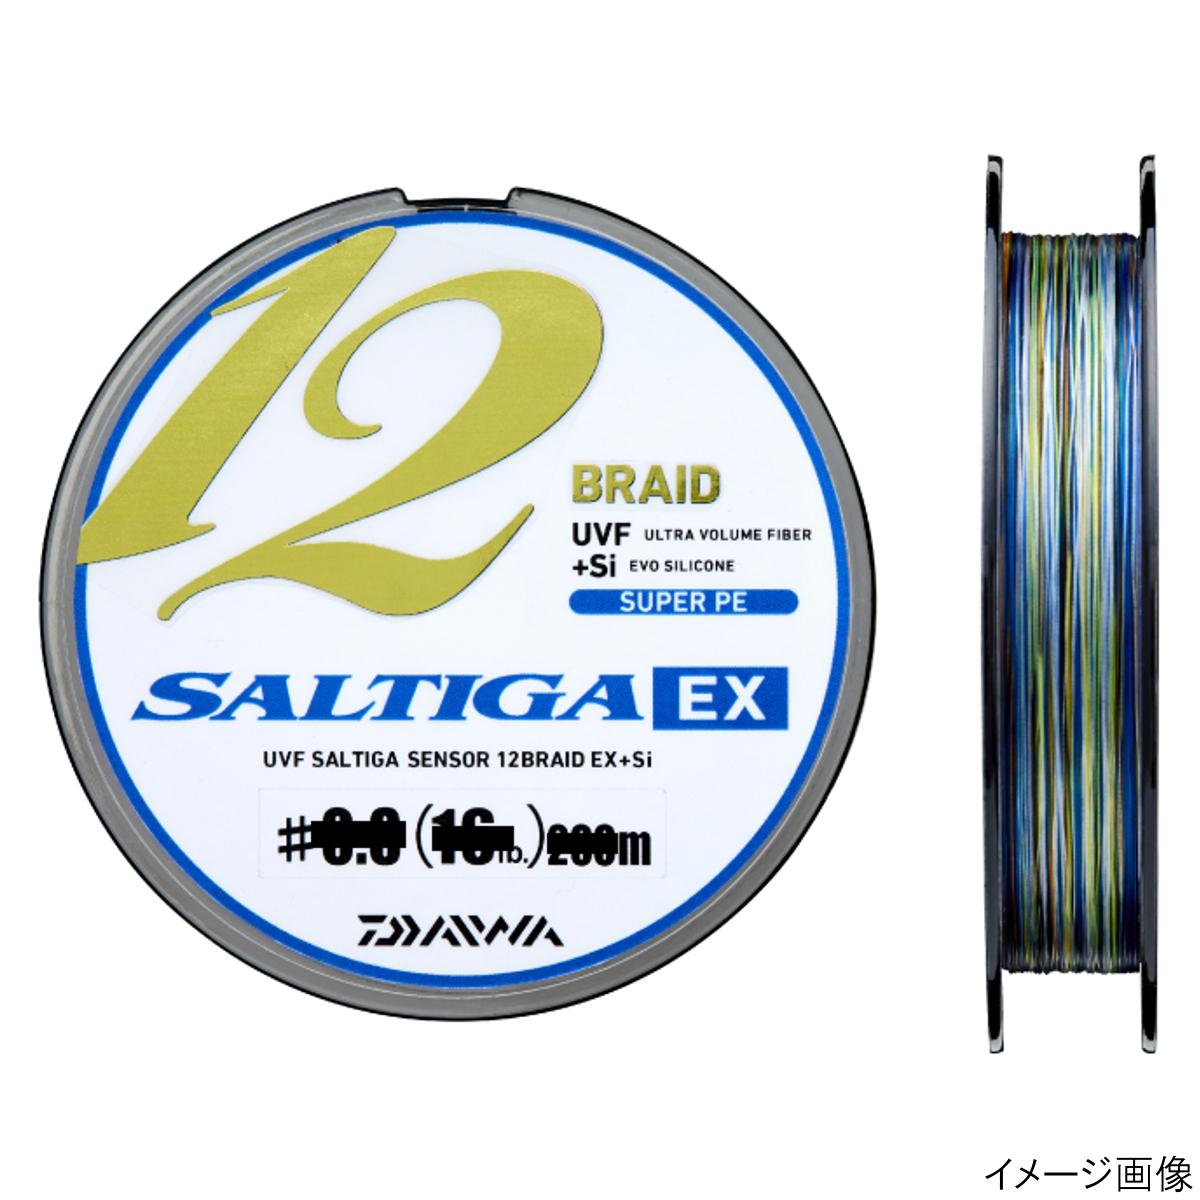 ダイワ UVF ソルティガセンサー 12ブレイドEX+Si 400m 3号(東日本店)